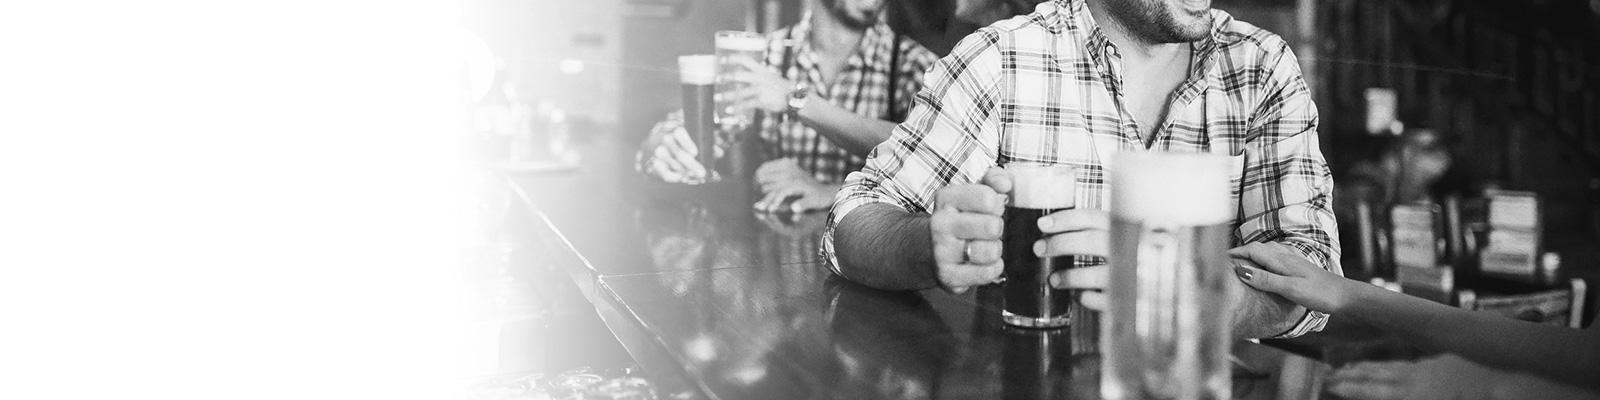 ロンドン パブ ビール イメージ